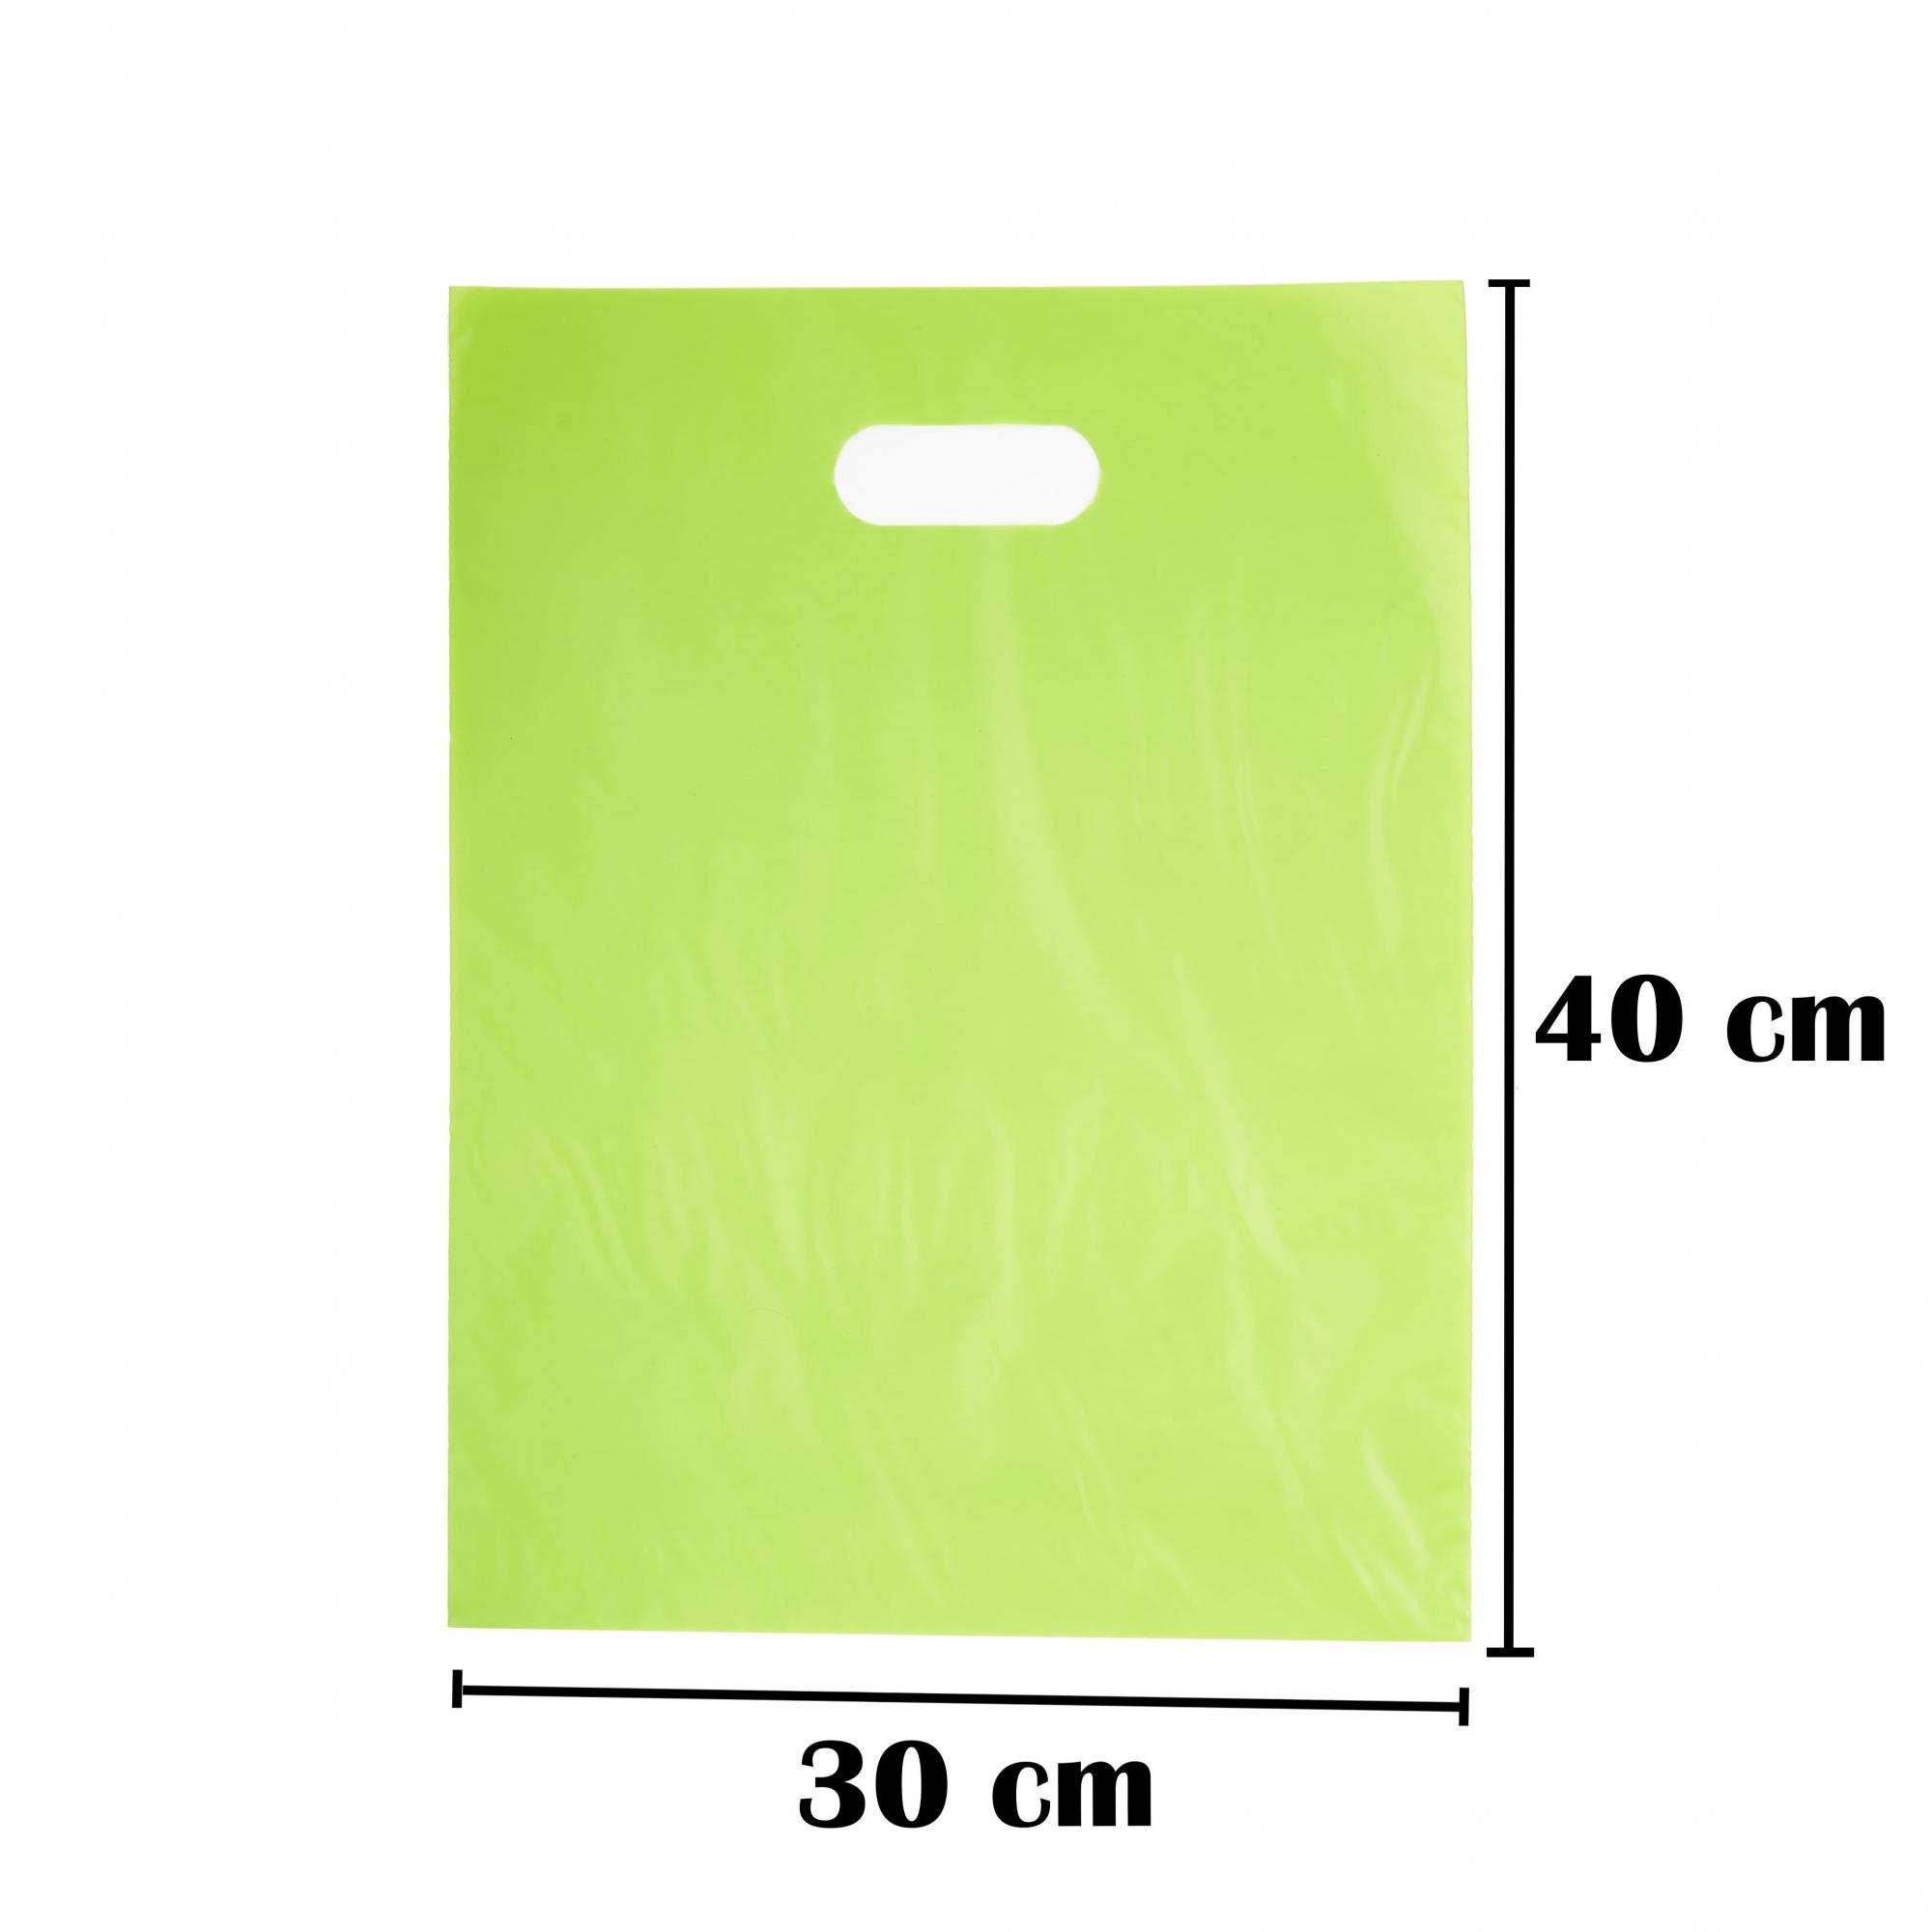 Sacola Plástica 30x40 Verde Alça Boca de Palhaço 250 Unidades